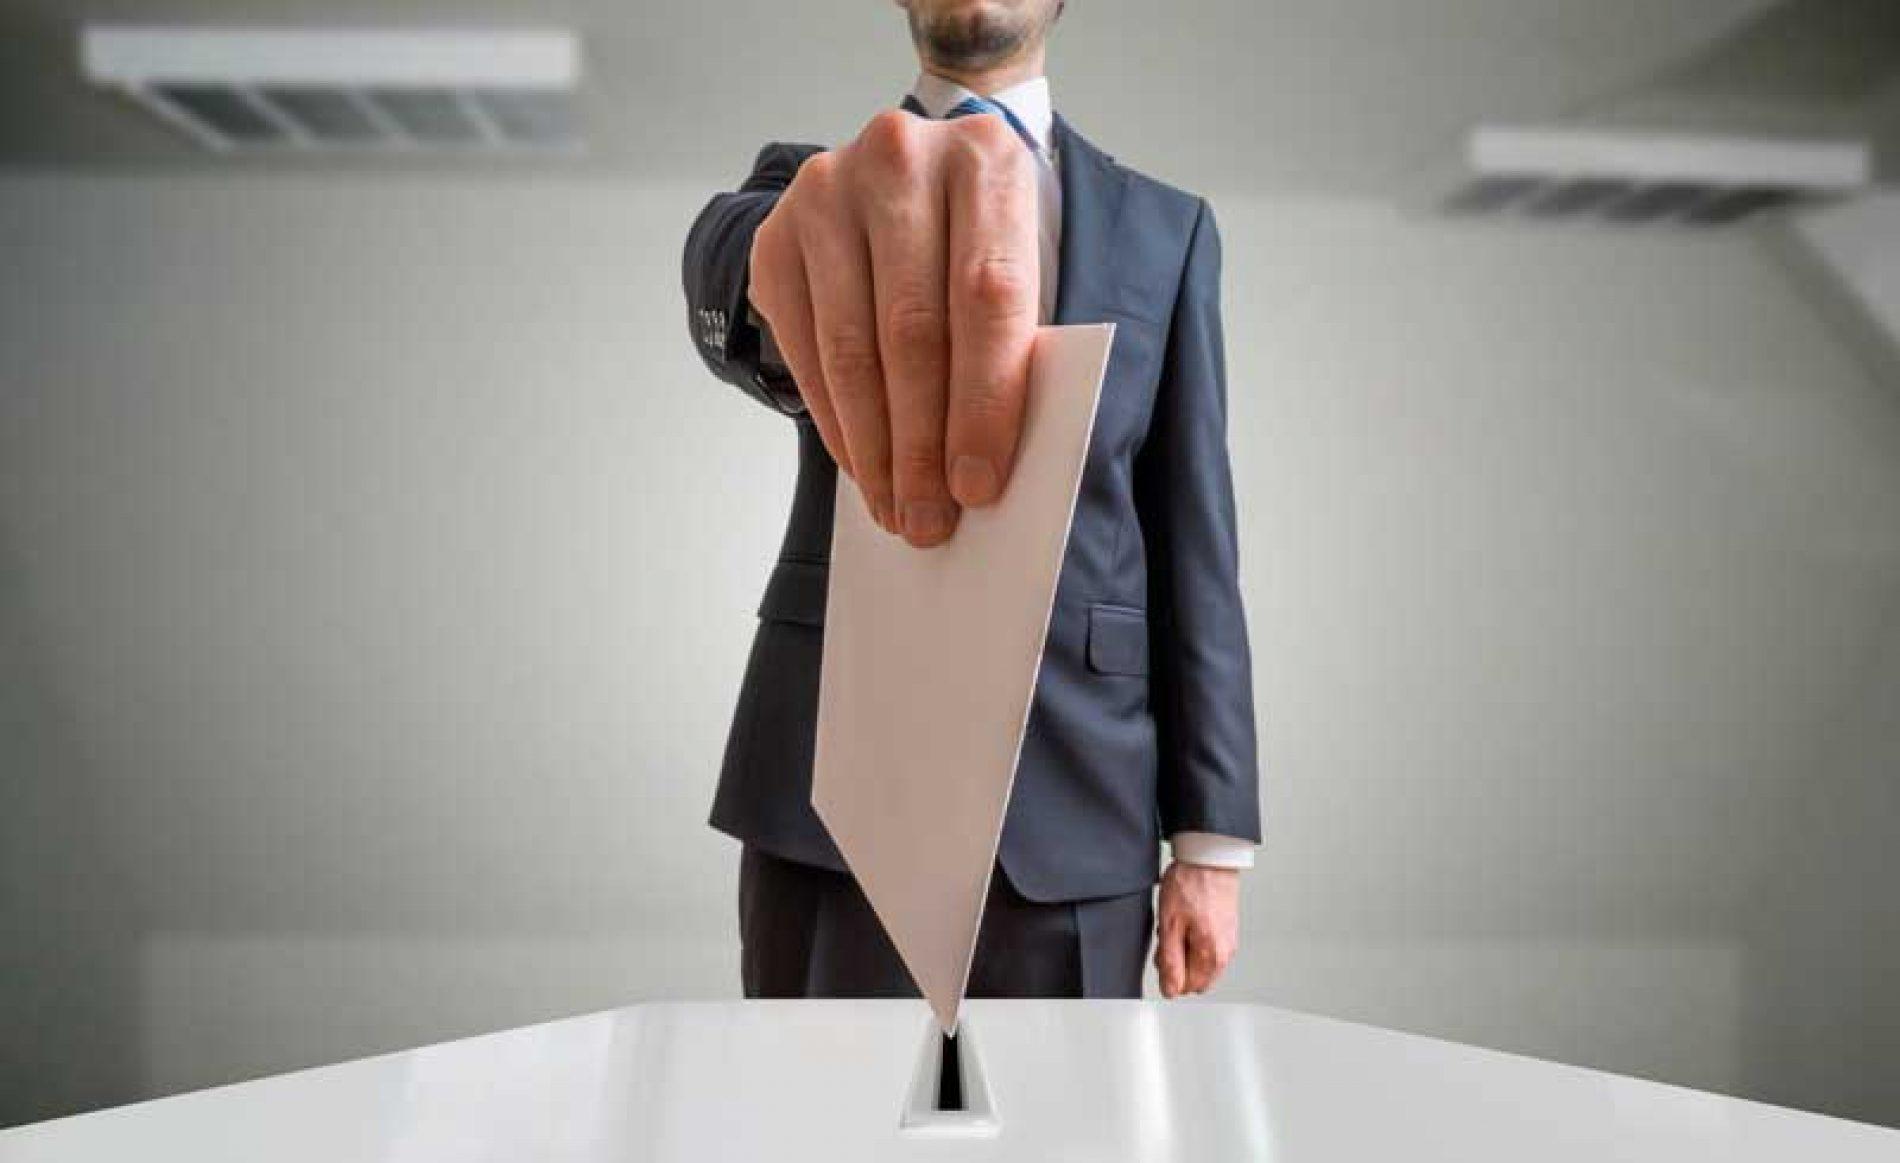 Inicio del plazo para presentar candidaturas a asambleista de la Federación Madrileña de Caza